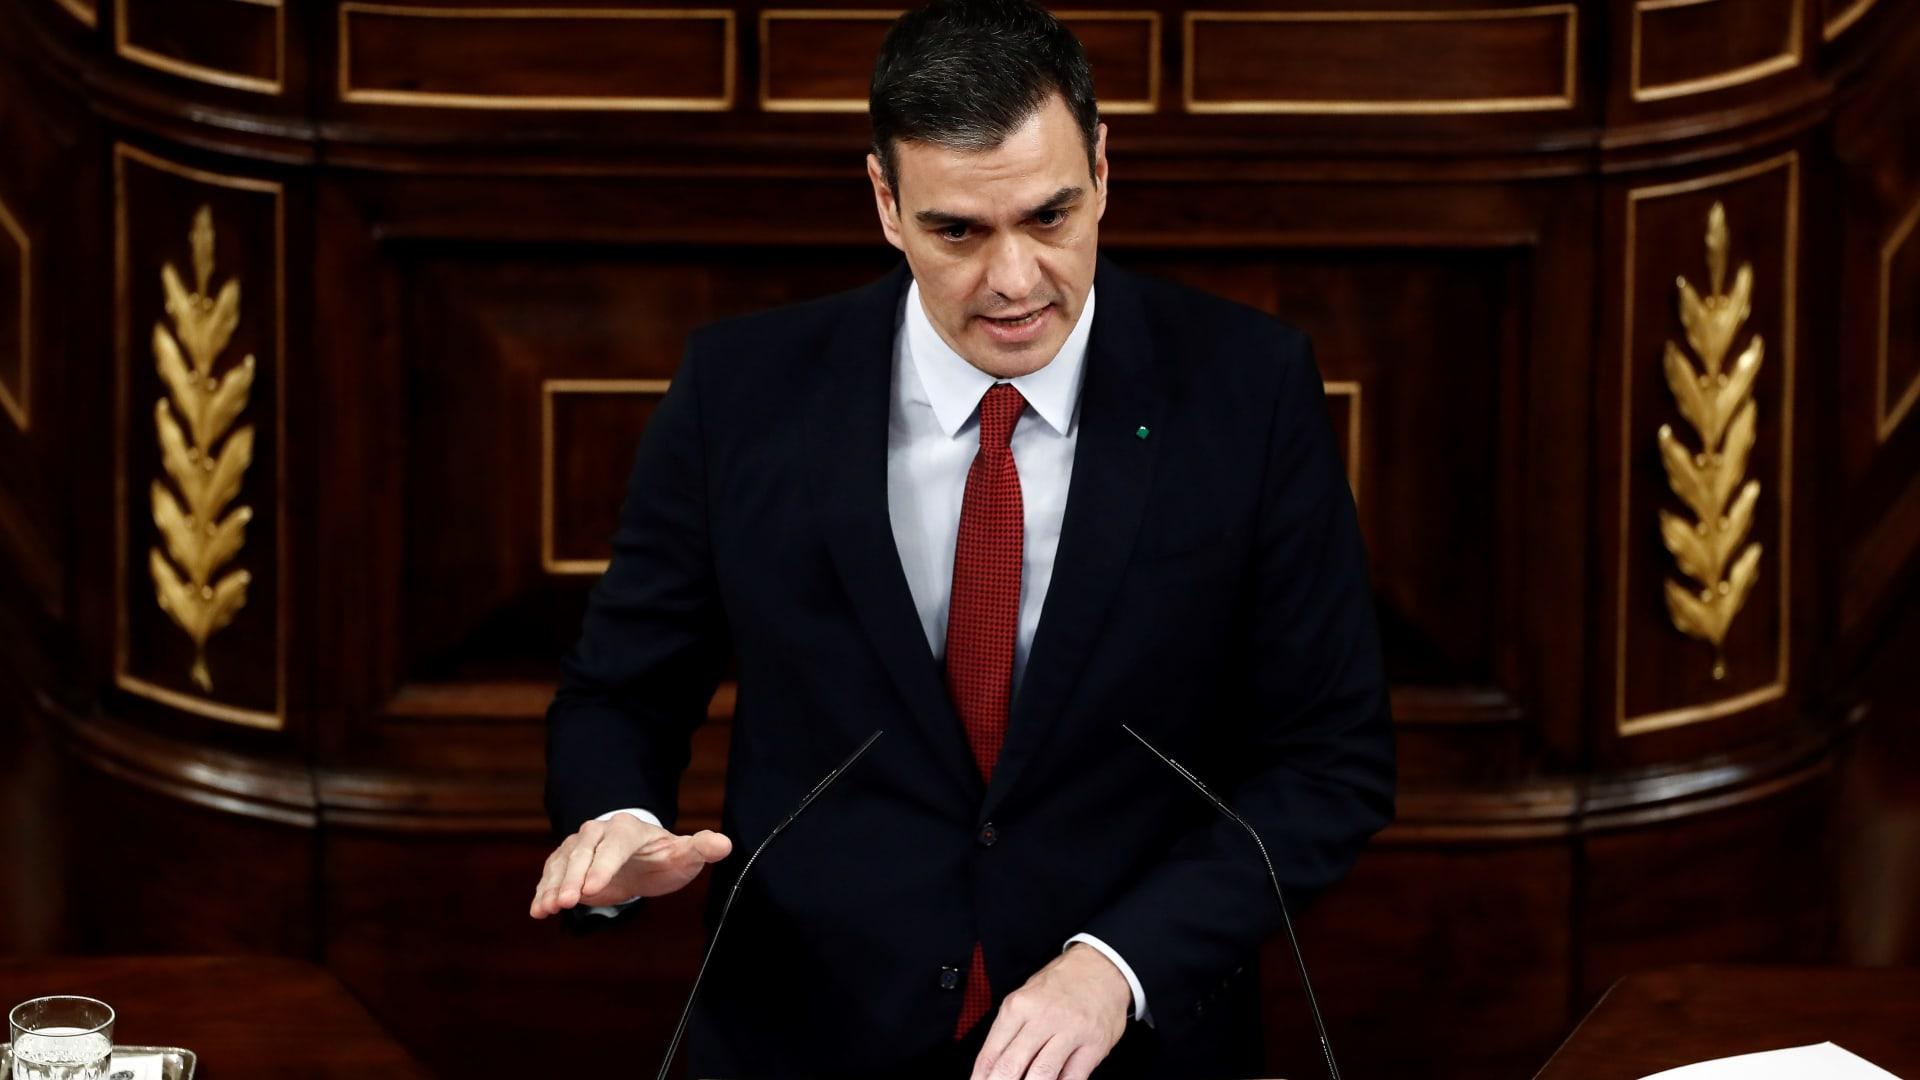 رئيس وزراء إسبانيا عن عودة الدوري: من المحتمل مشاهدته عبر التلفزيون بدلاً من الملاعب